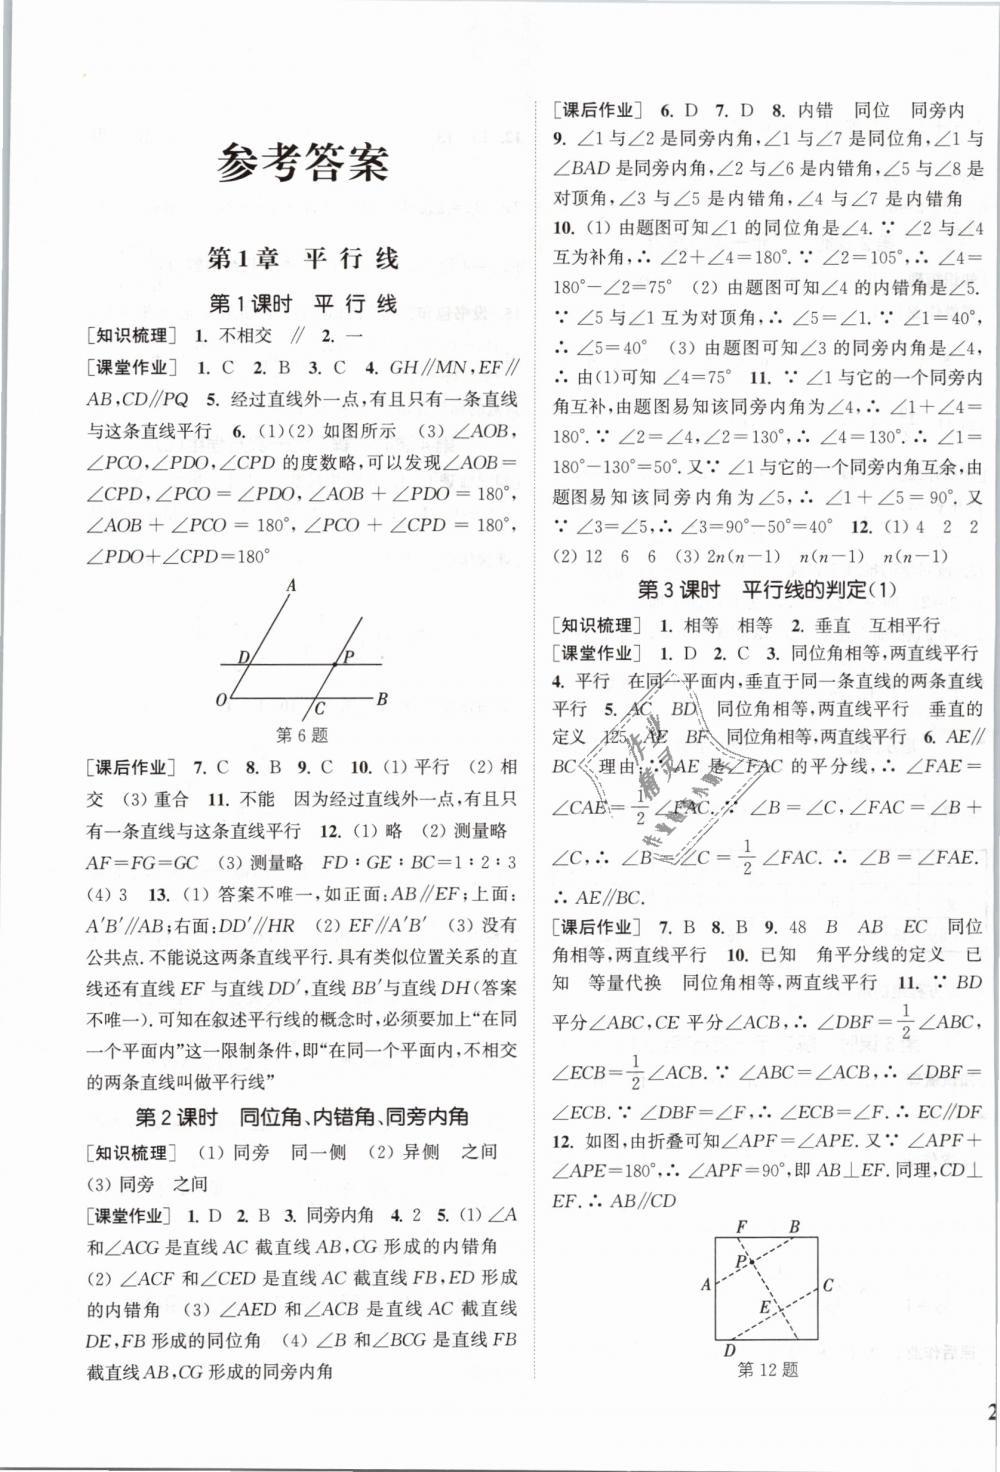 2019年通城学典课时作业本七年级数学下册浙教版第1页